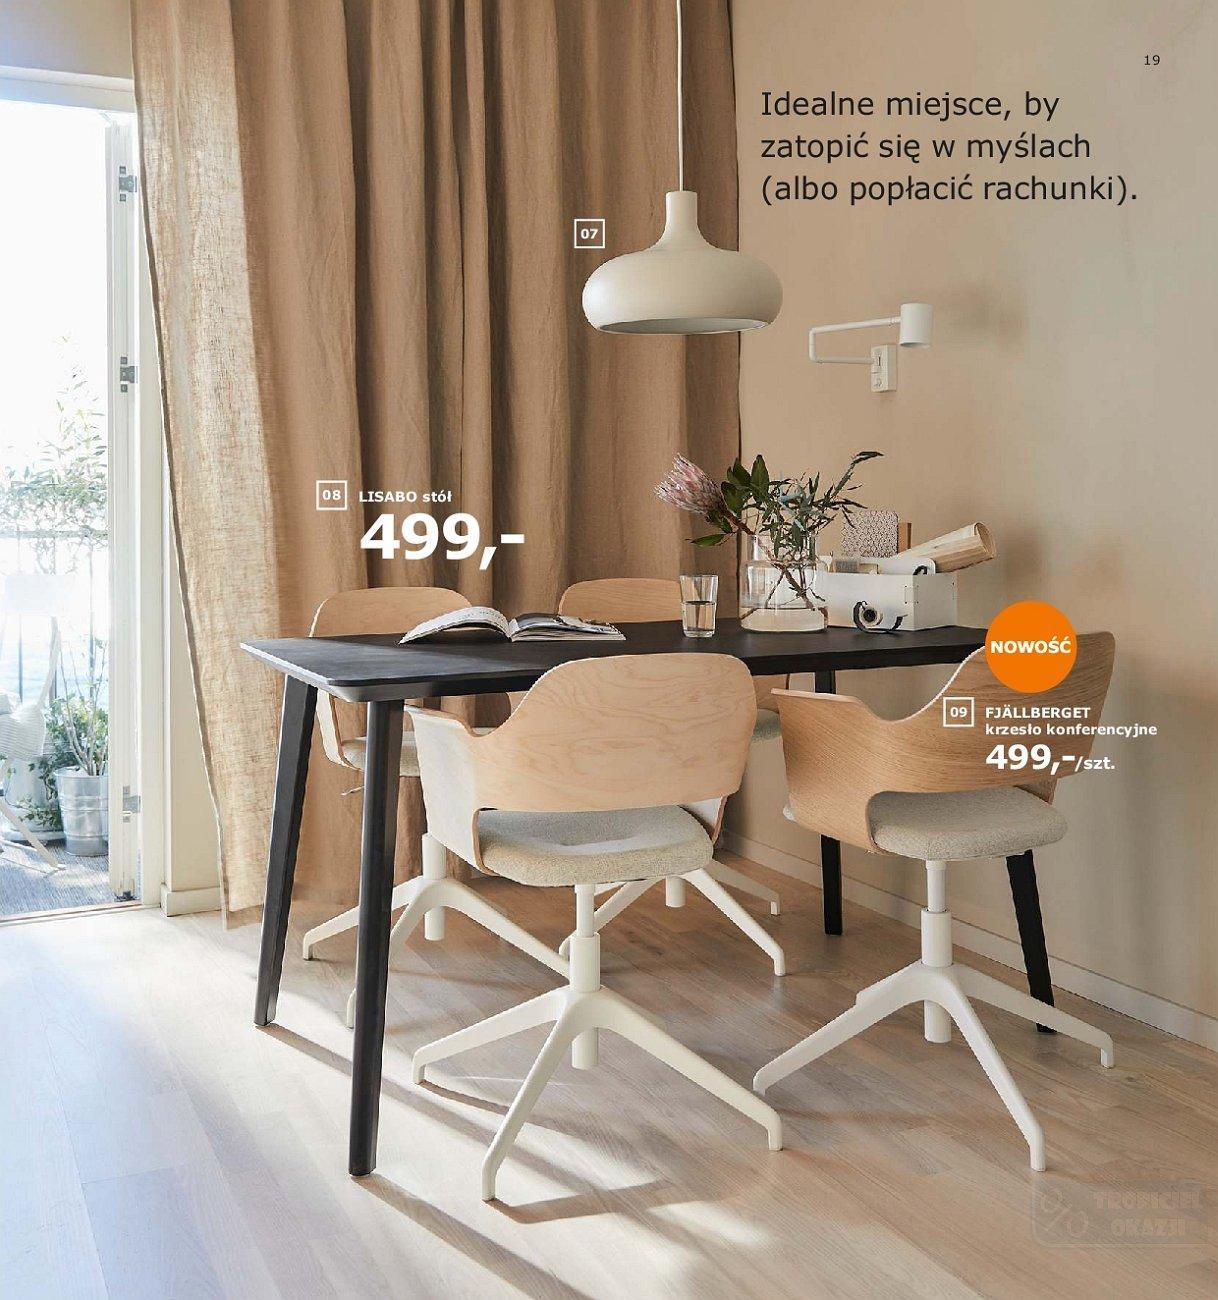 Gazetka promocyjna IKEA do 31/07/2019 str.19